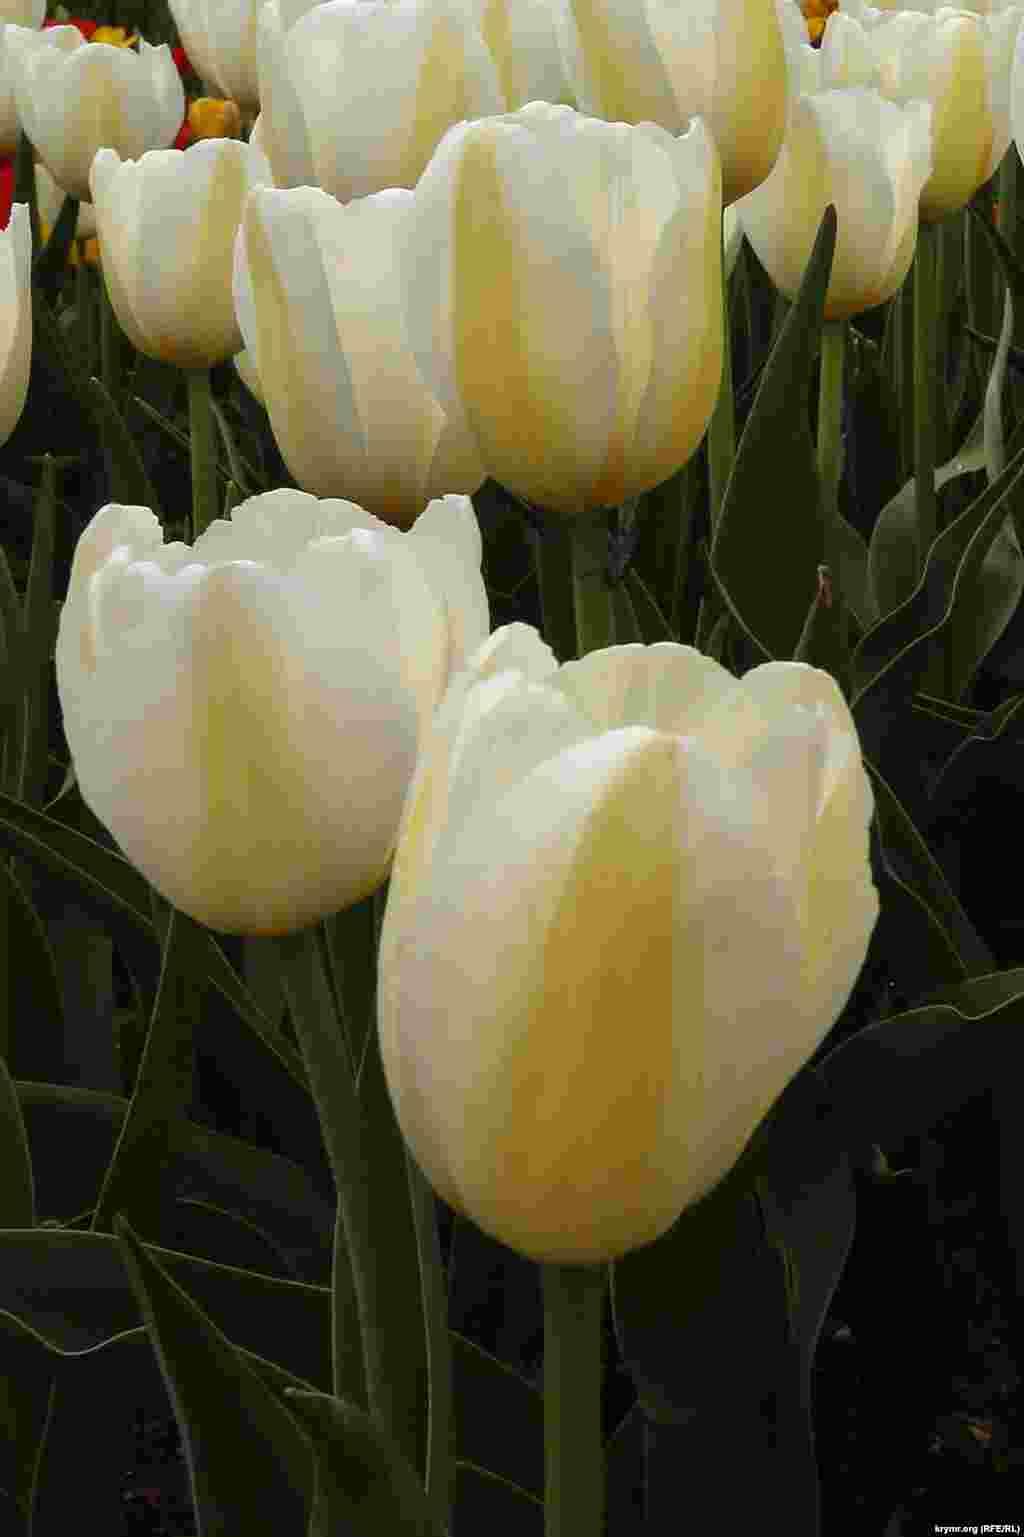 Лише обізнані фахівці знають, що для того, щоб з'явився новий сорт або гібрид тюльпанів, селекціонерам потрібно цілеспрямовано попрацювати від 6 до 22 років.